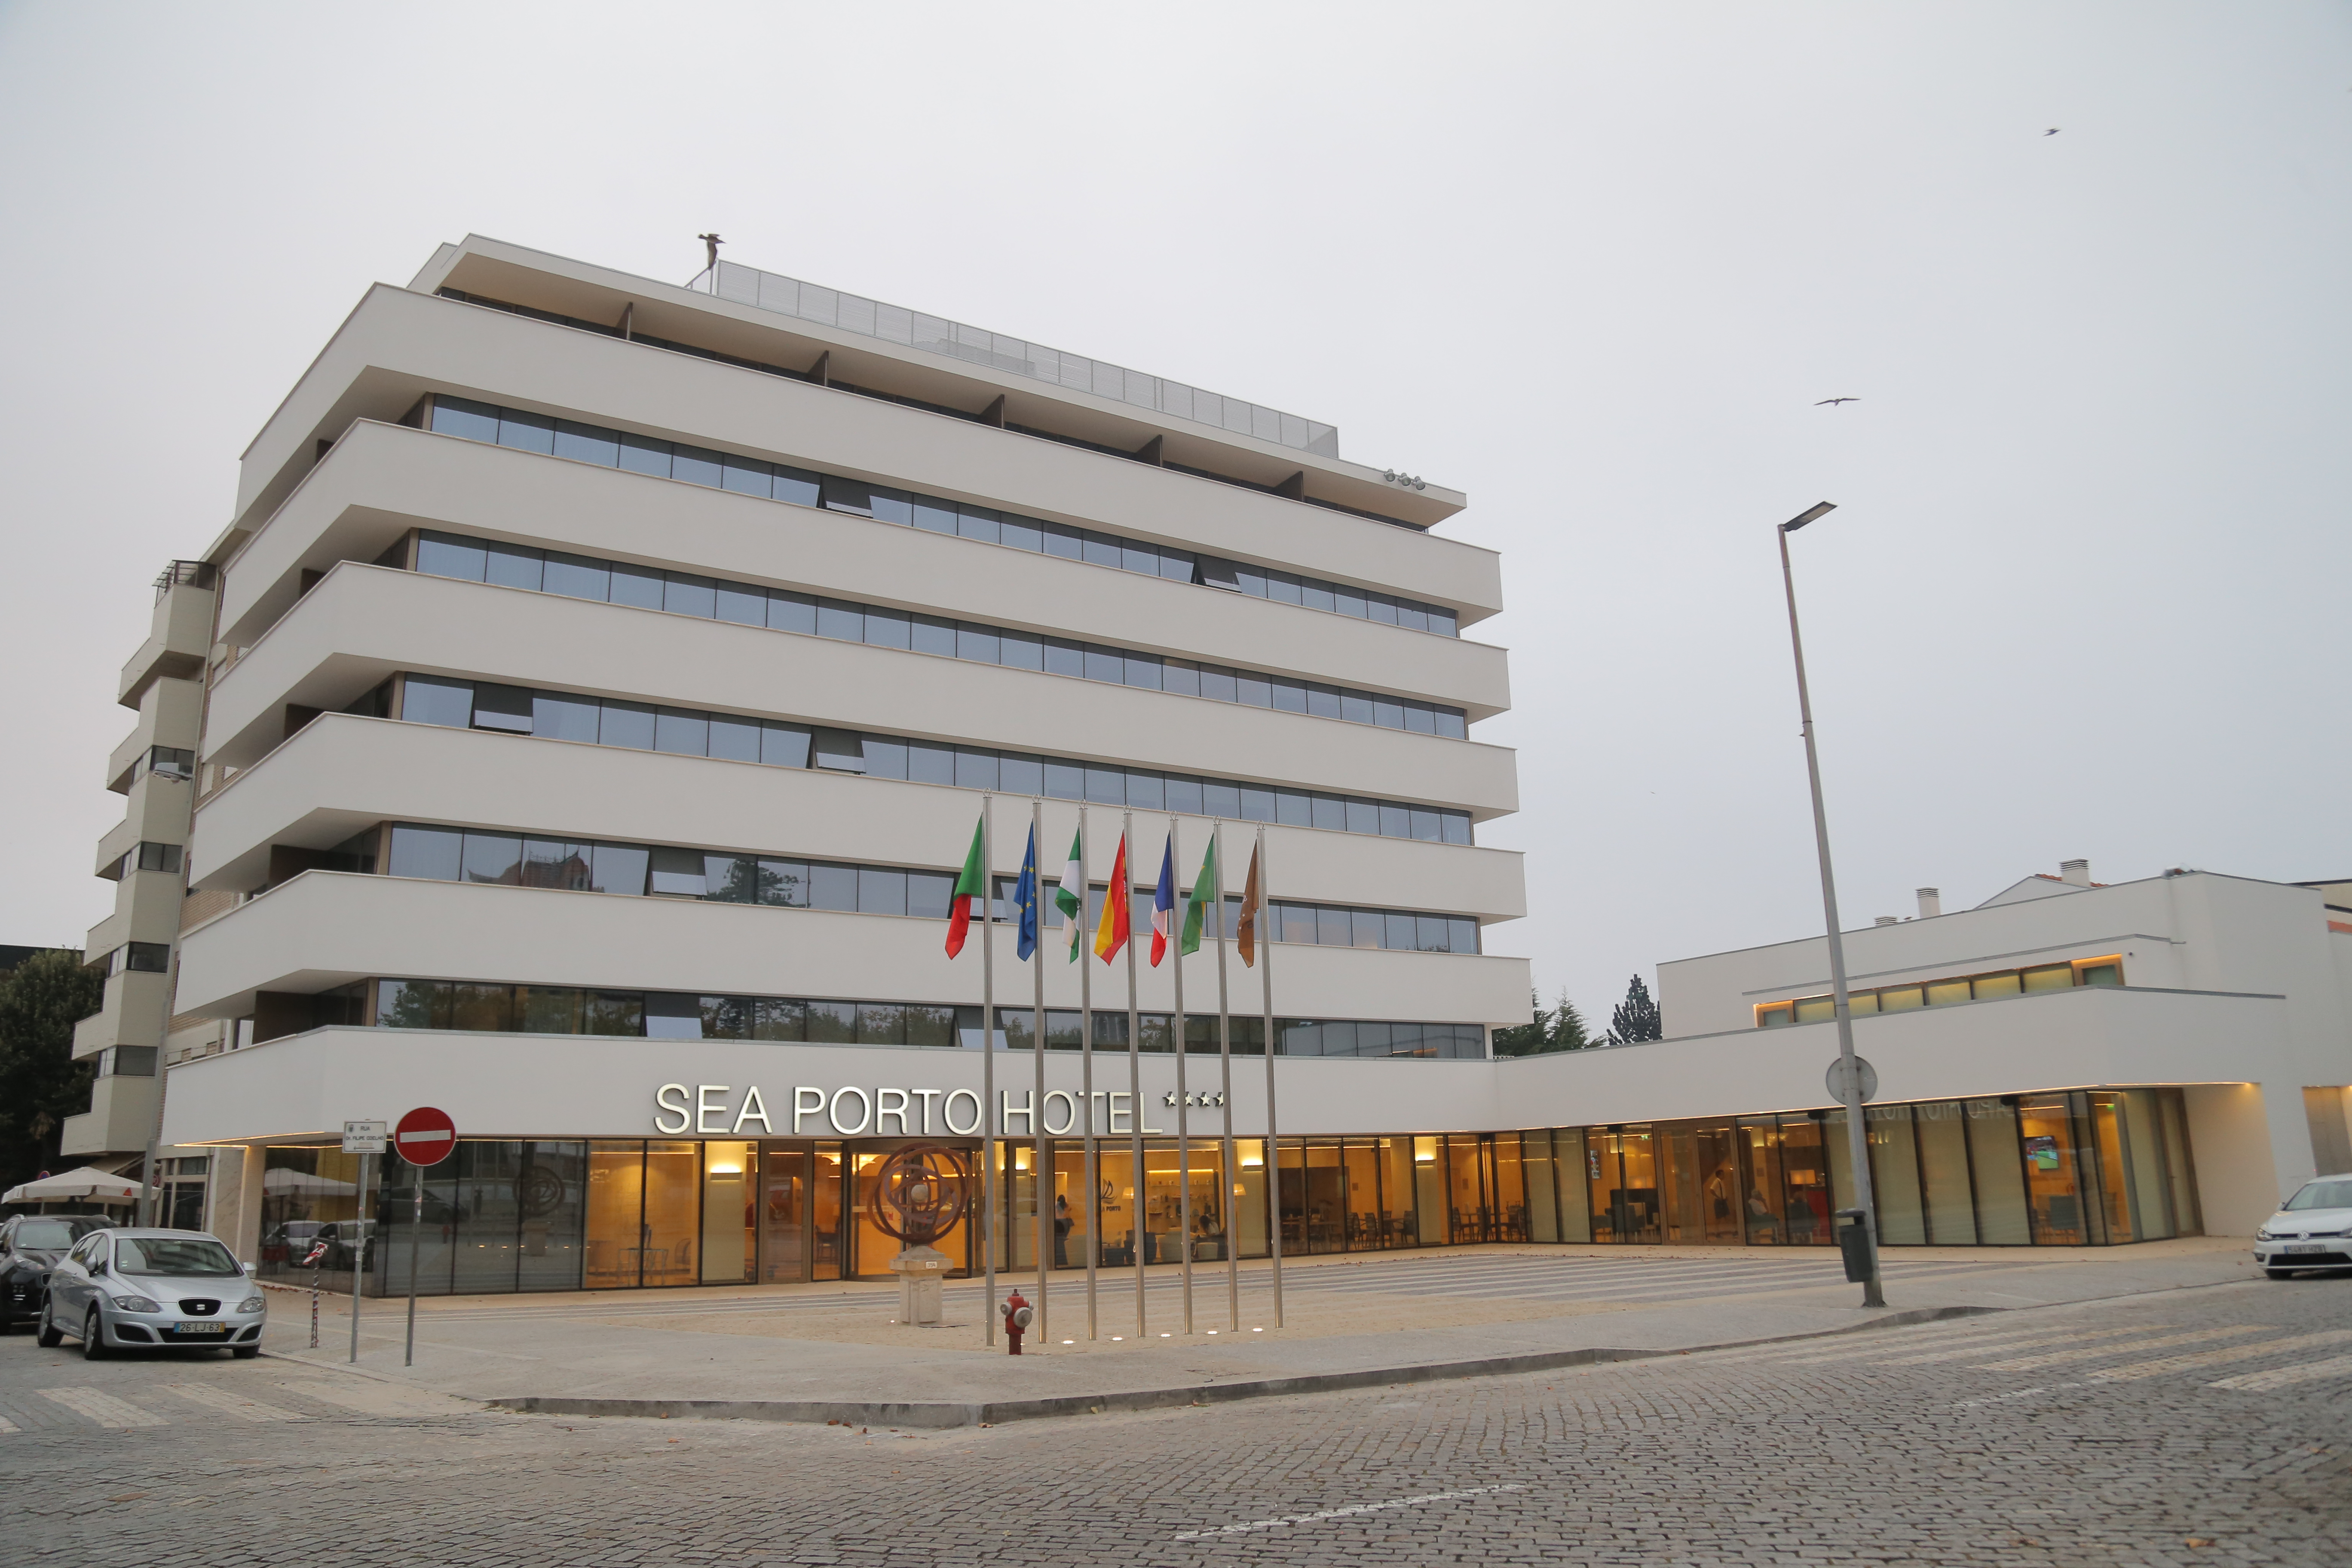 Sea Porto Hotel, Matosinhos